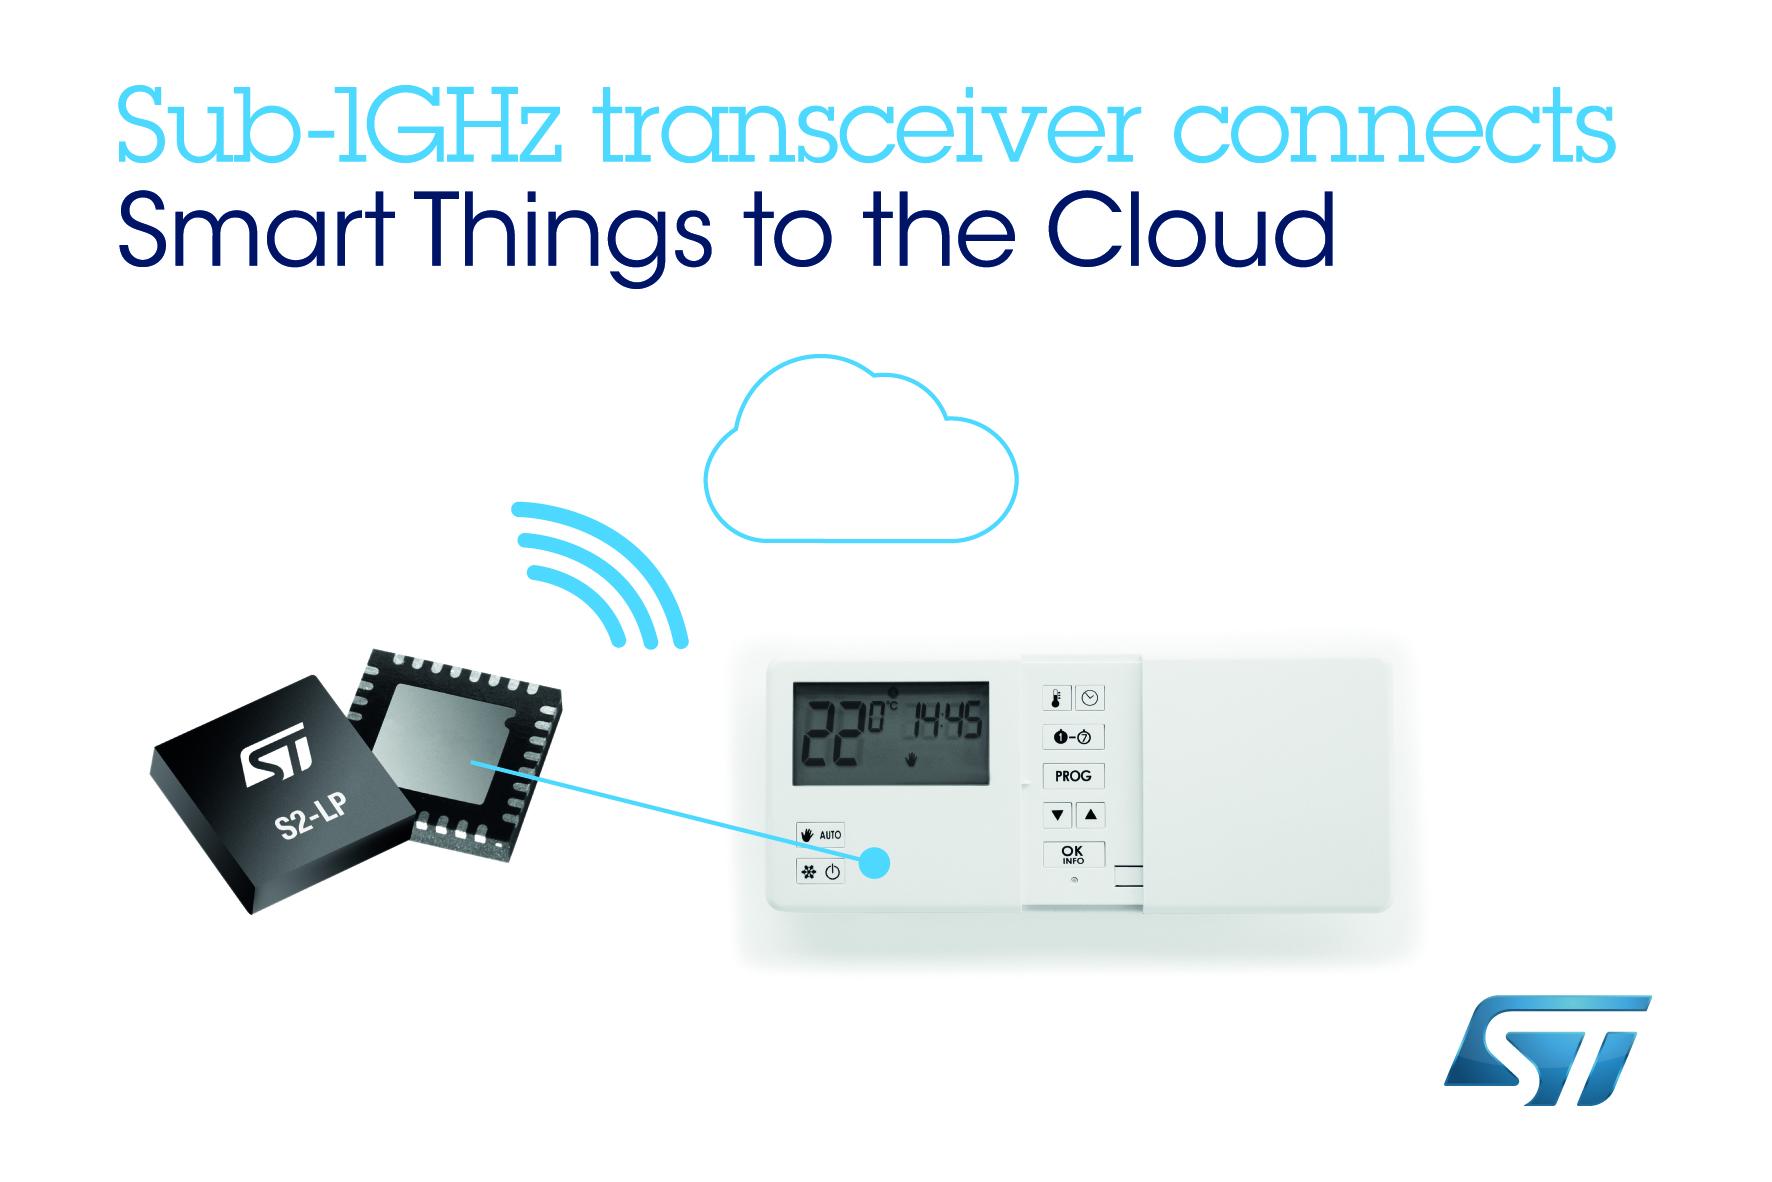 意法半导体推出低功耗远距离射频芯片,扩大物联网覆盖范围